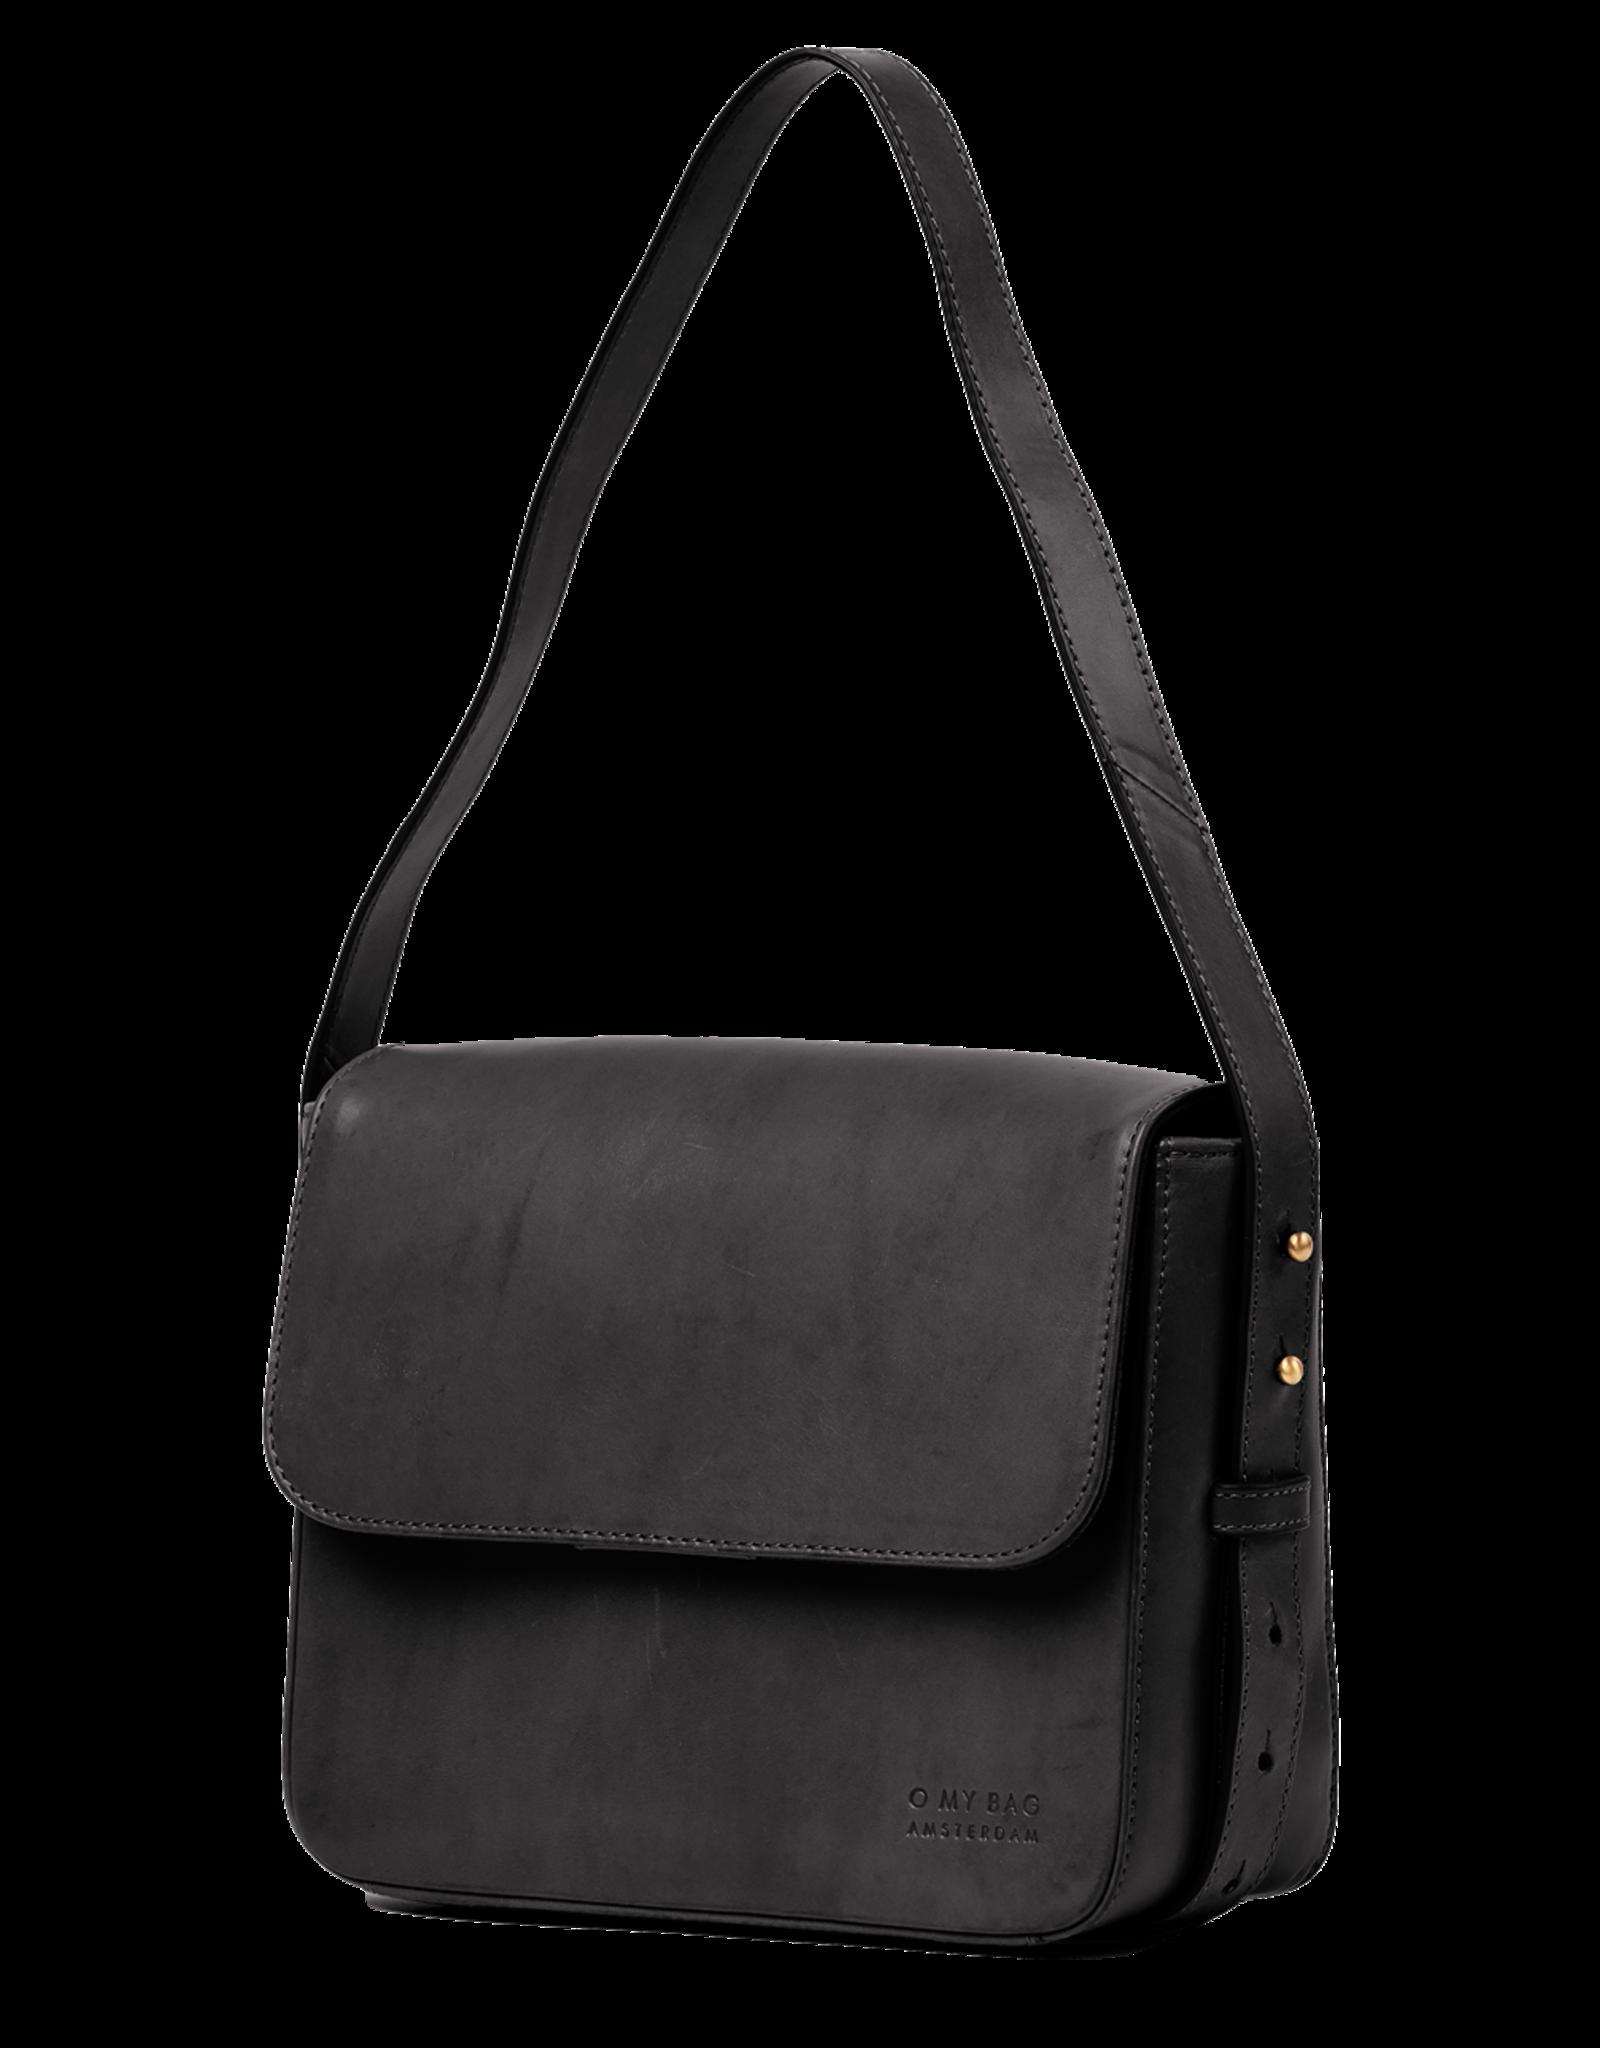 O MY BAG Gina, bag with hidden adjustable shoulder strap